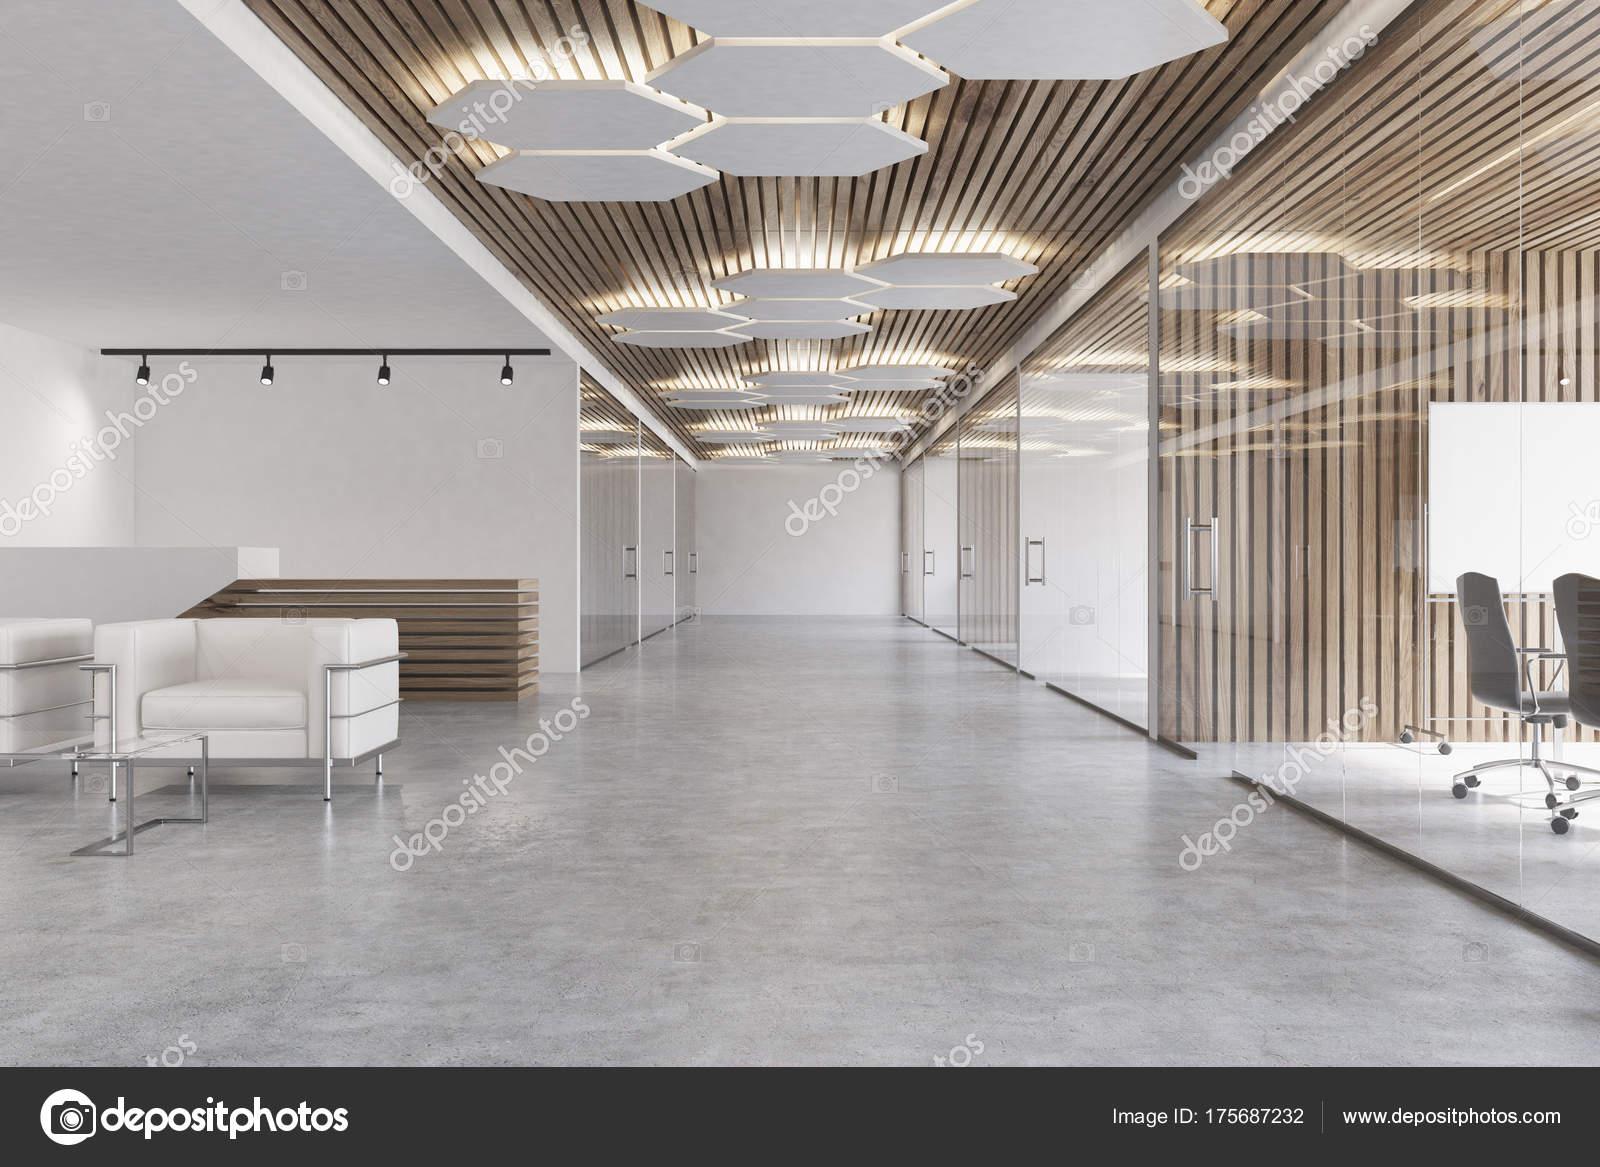 Ufficio Bianco E Legno : Ingresso dell ufficio bianco e legno u foto stock denisismagilov